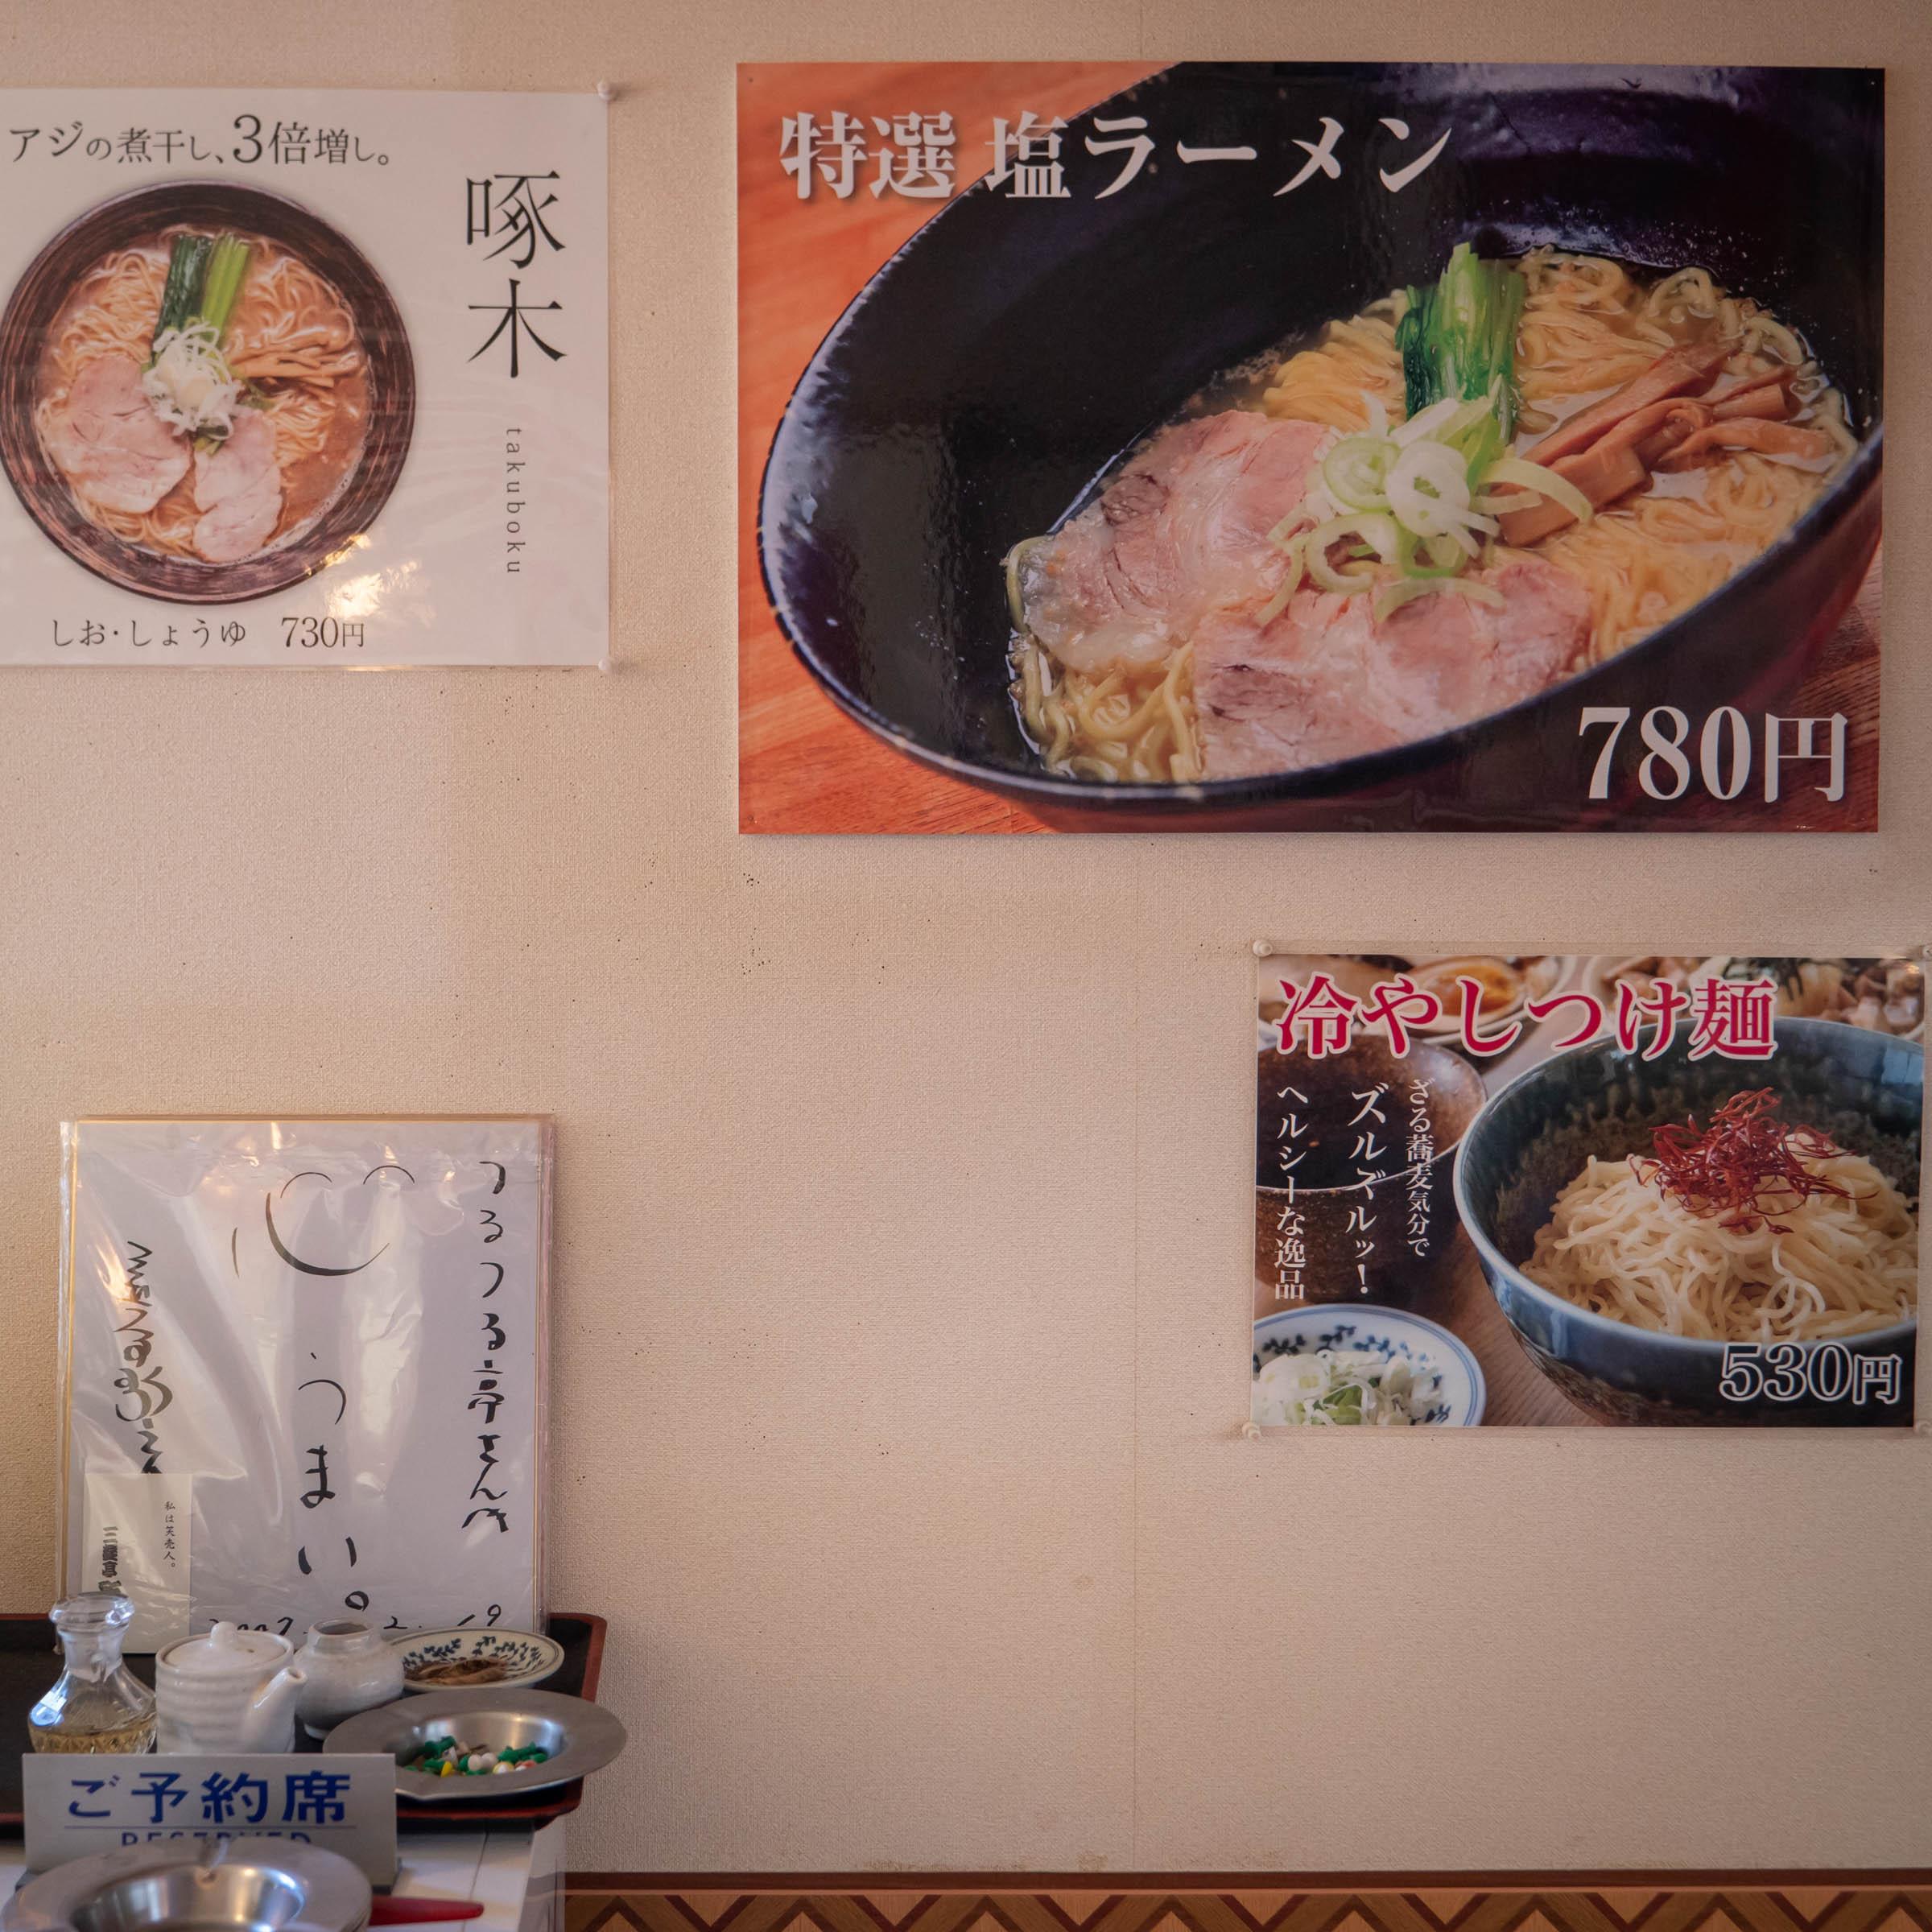 麺つるつる亭の店内に貼られたメニュー導線 DMC-GX8 + LEICA DG 12-60mm